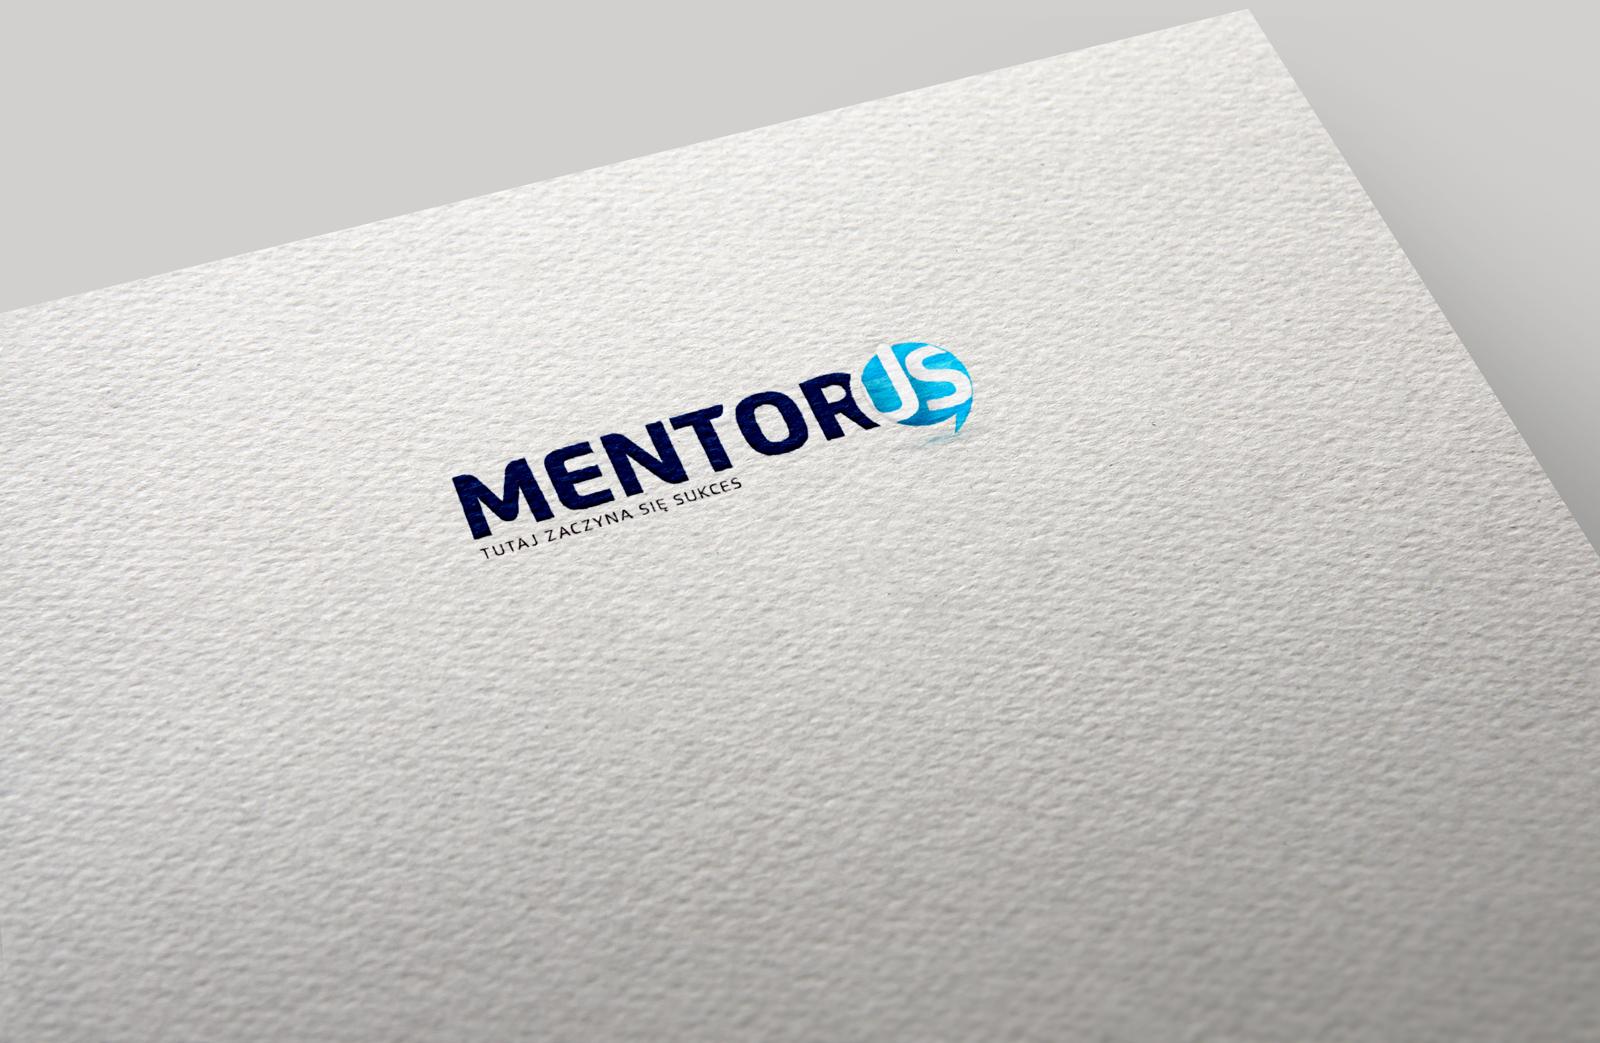 Mentorus - projekt logo